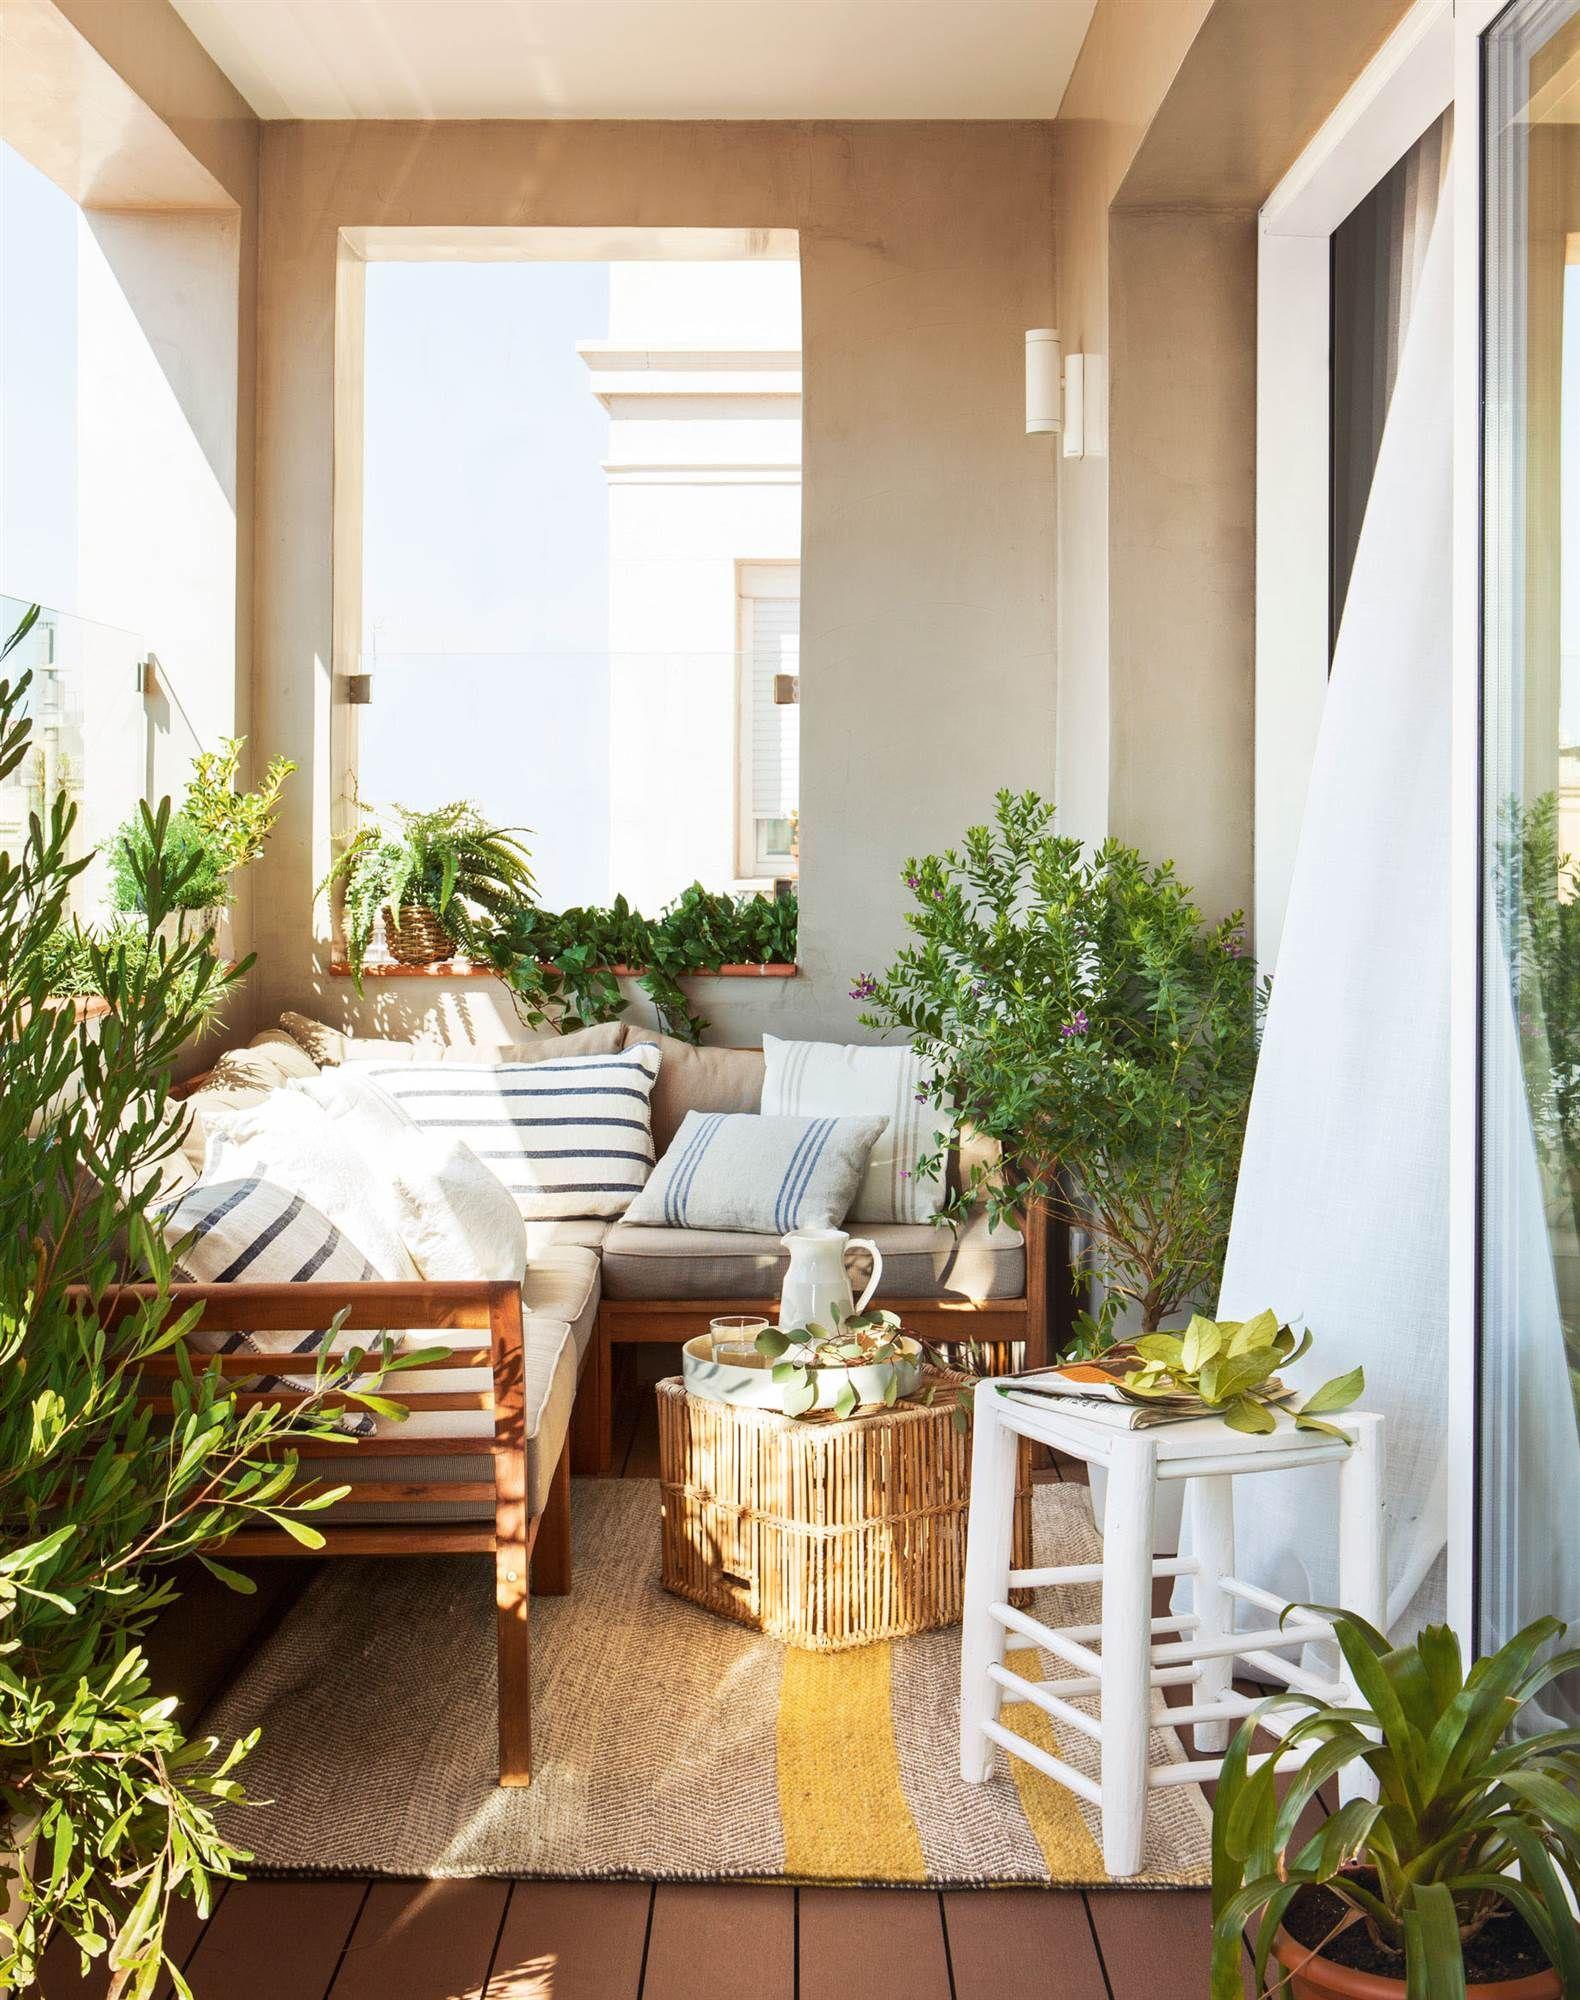 Balcon estrecho con muebles terraza pinterest